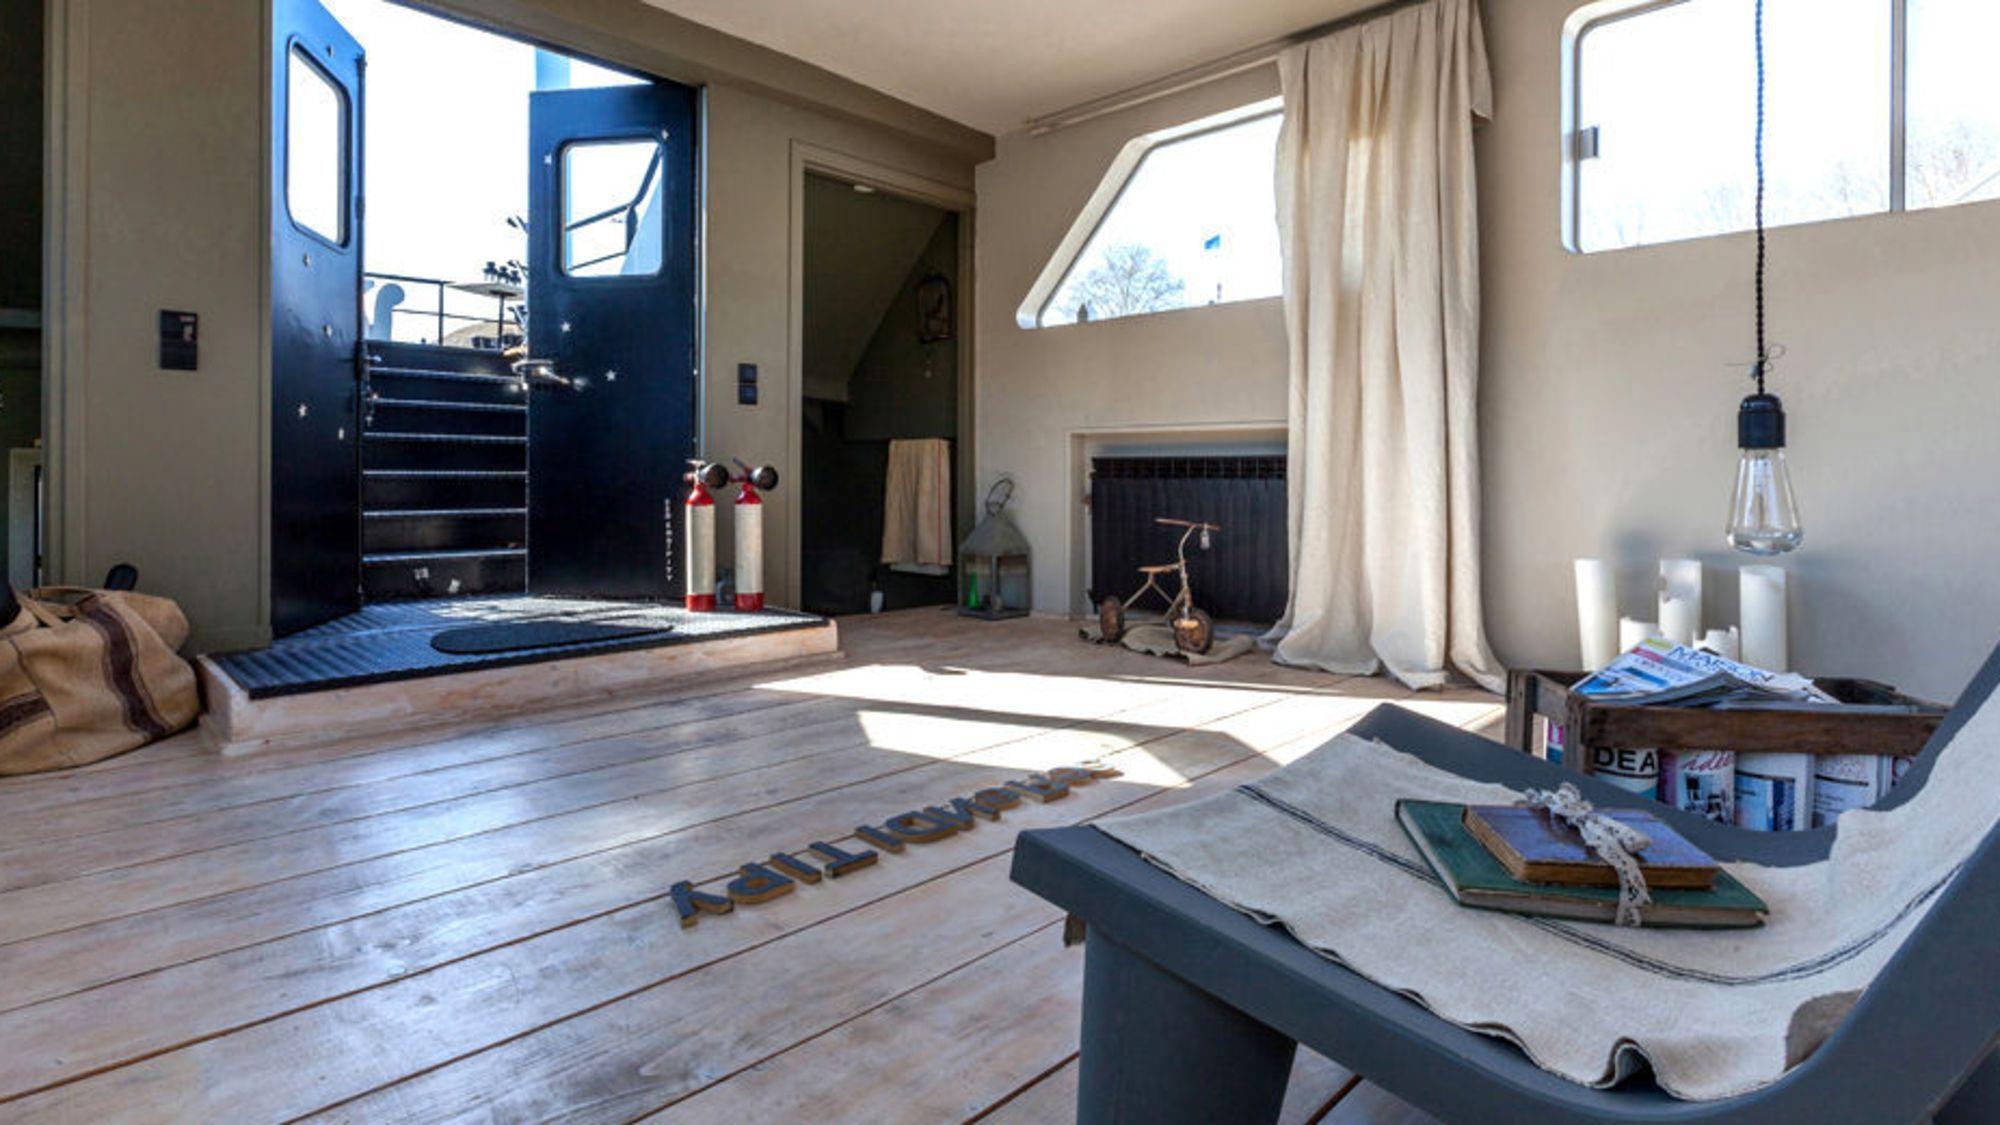 lieu atypique vendre pas cher atelier usine glise. Black Bedroom Furniture Sets. Home Design Ideas